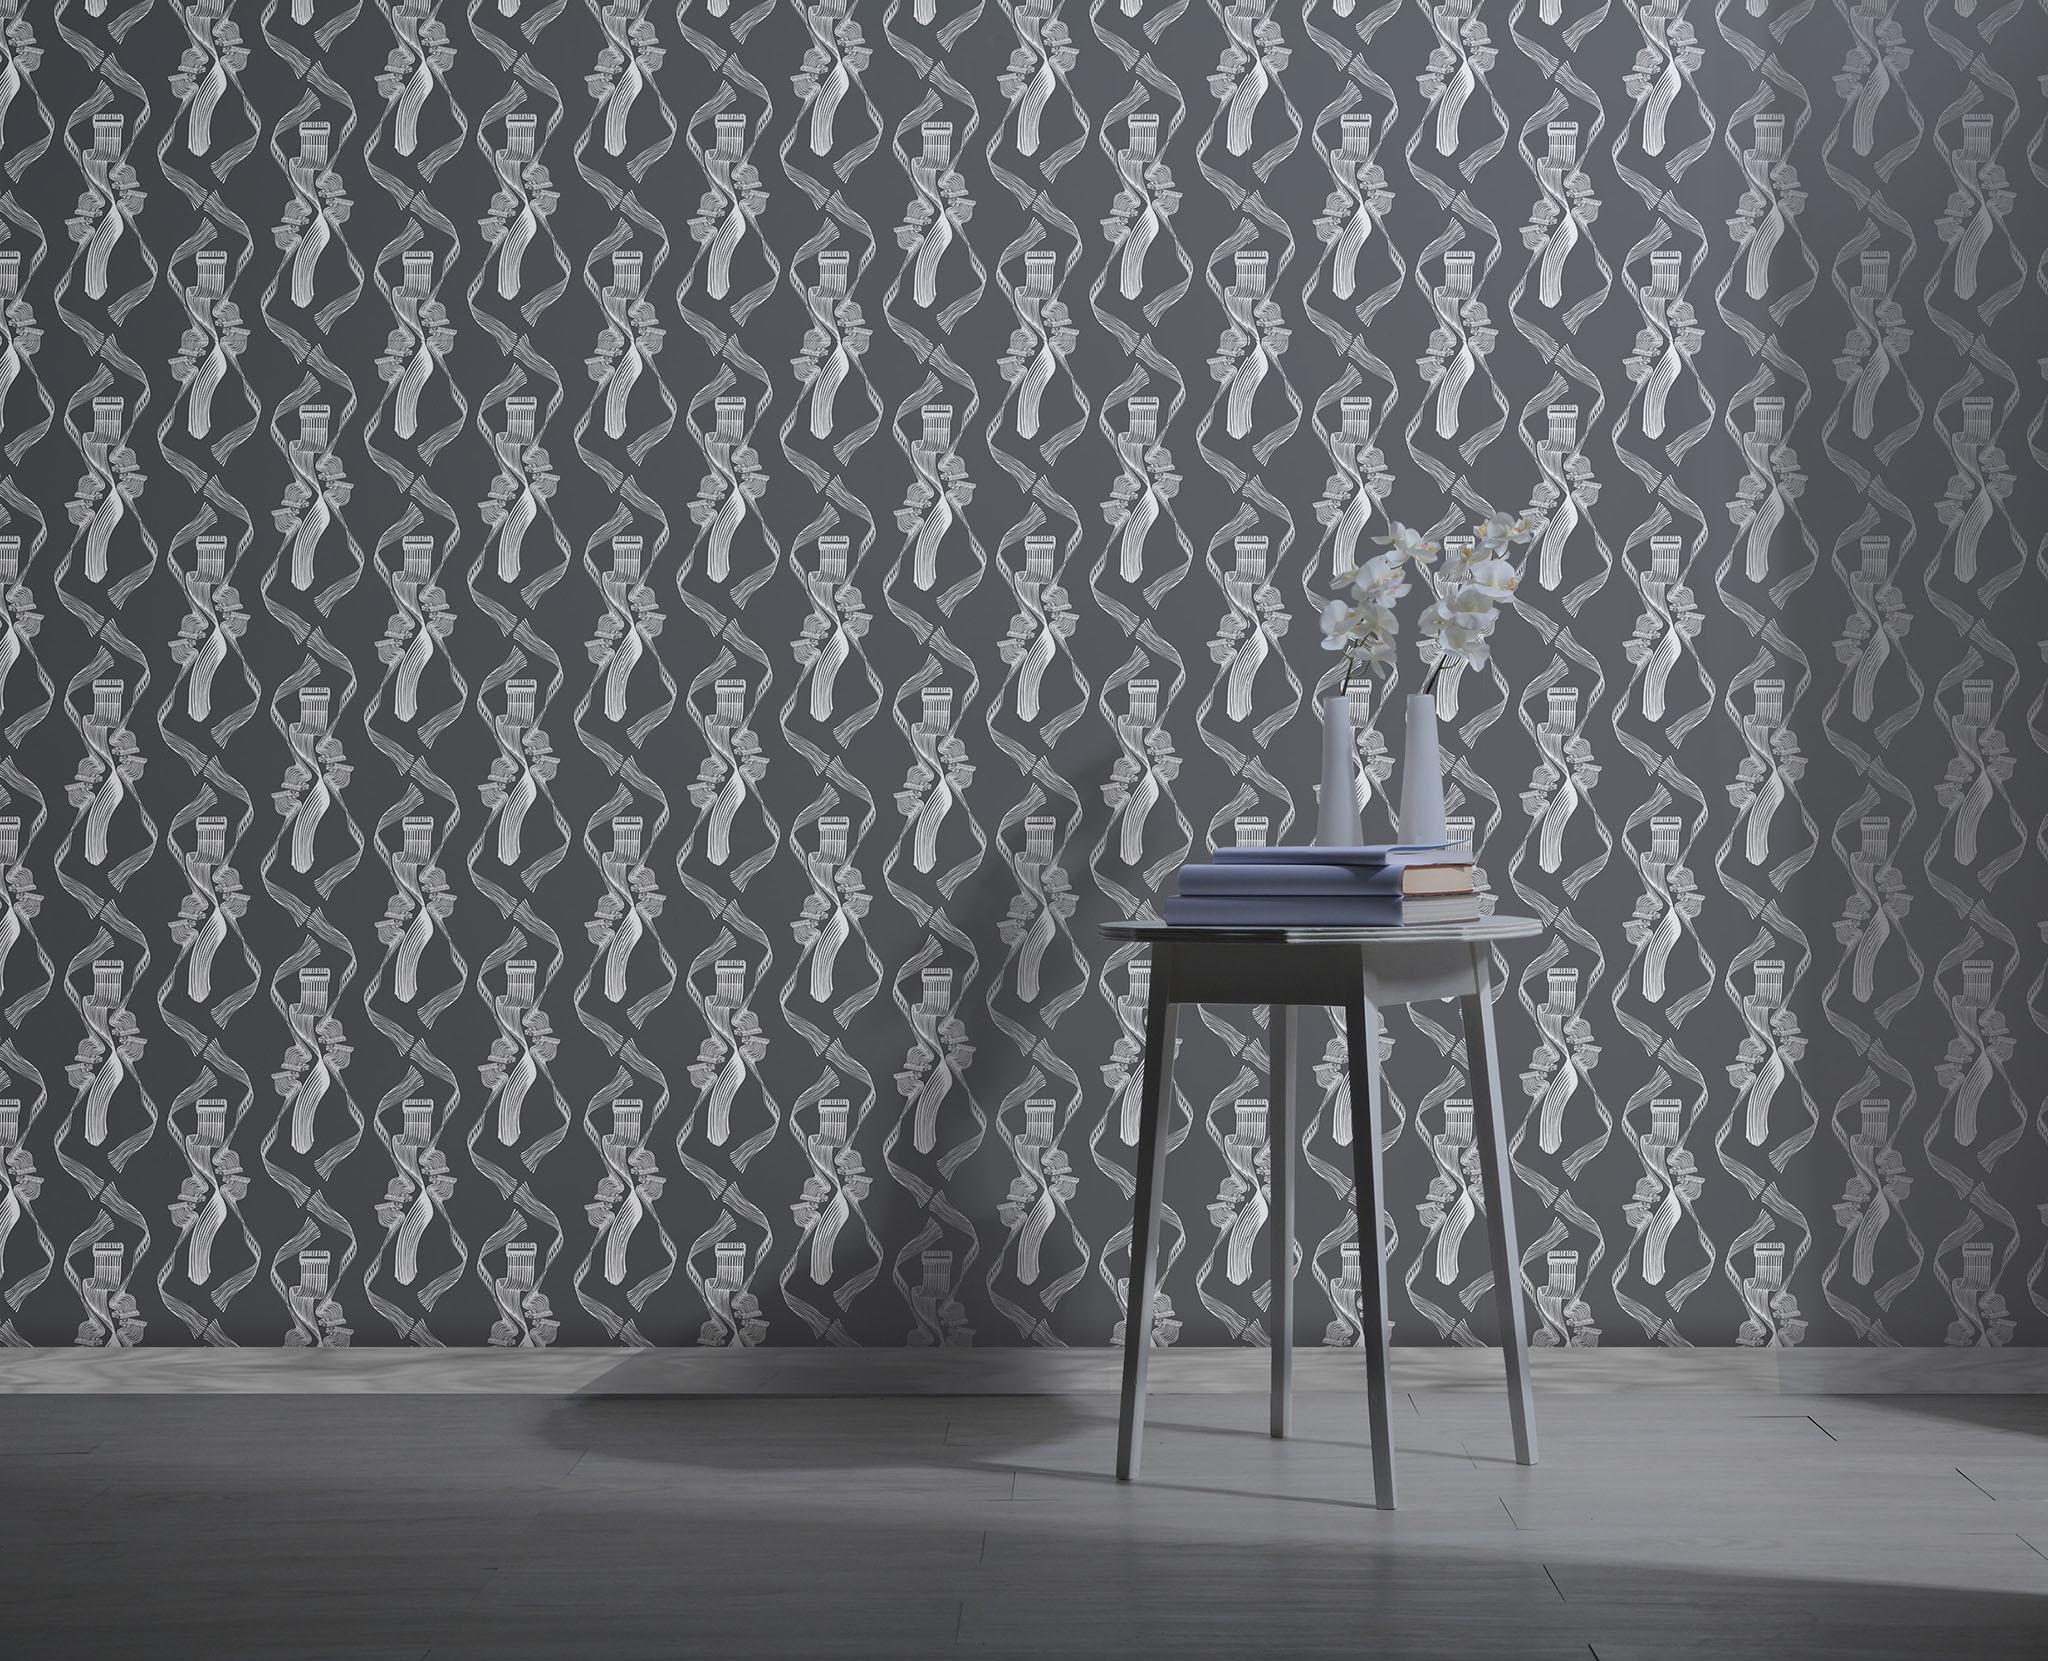 The Dance Wallpaper - White on Black